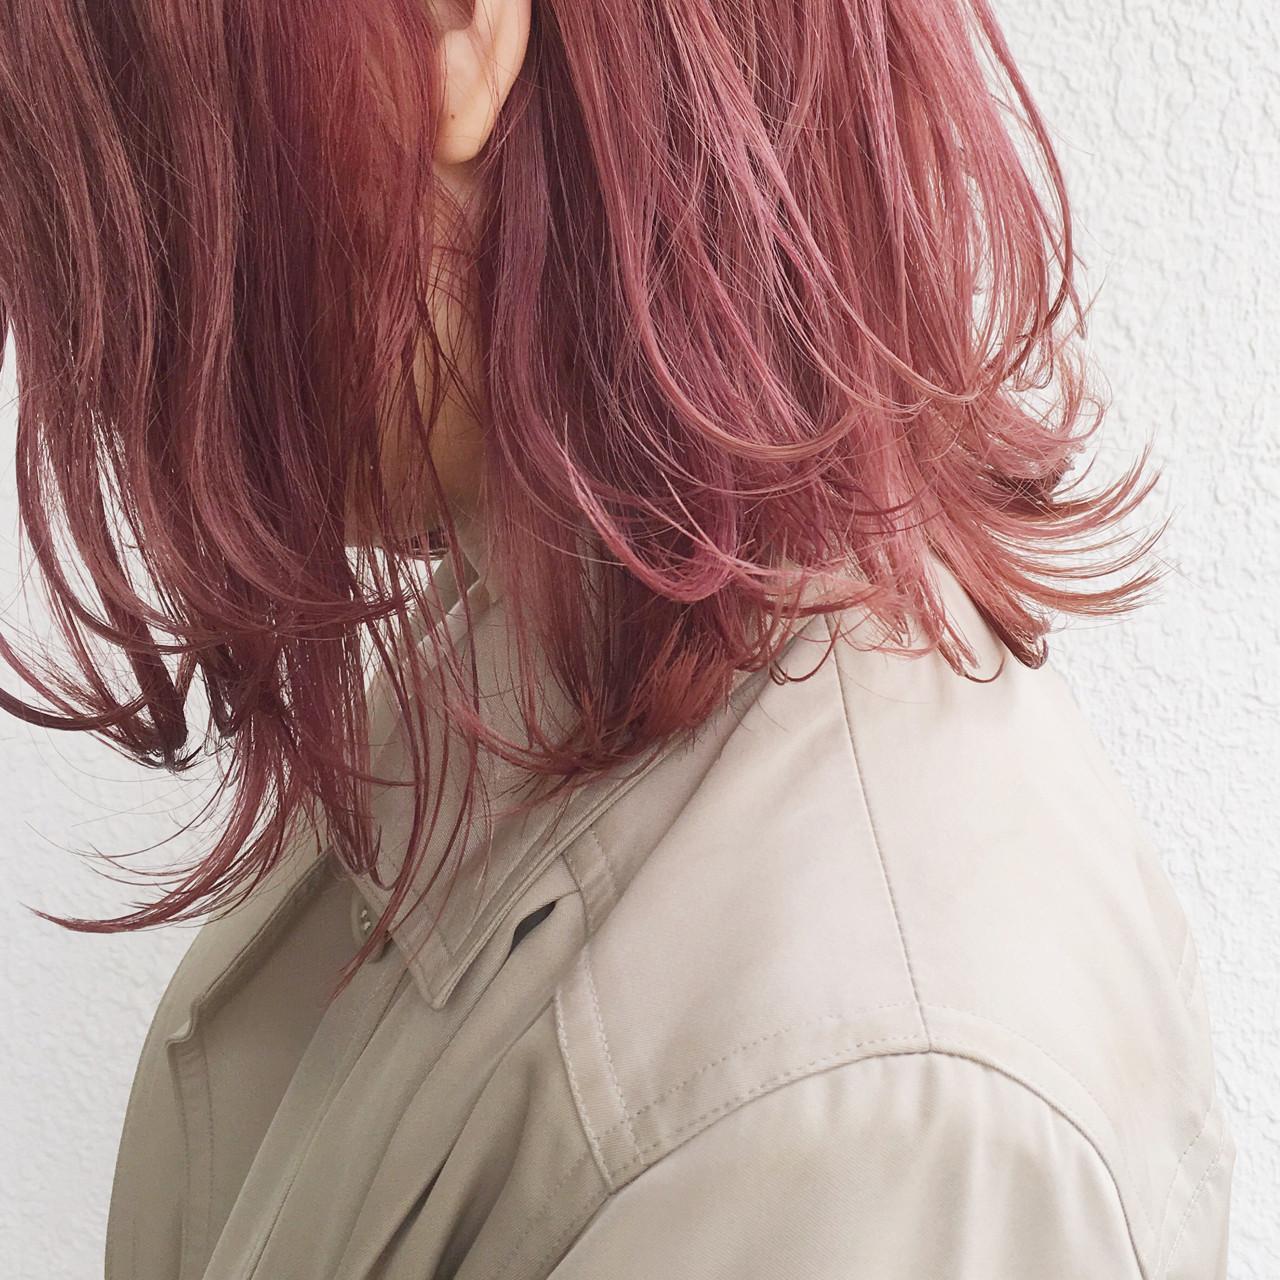 ピンクアッシュ ハイトーン 外国人風 ゆるふわ ヘアスタイルや髪型の写真・画像